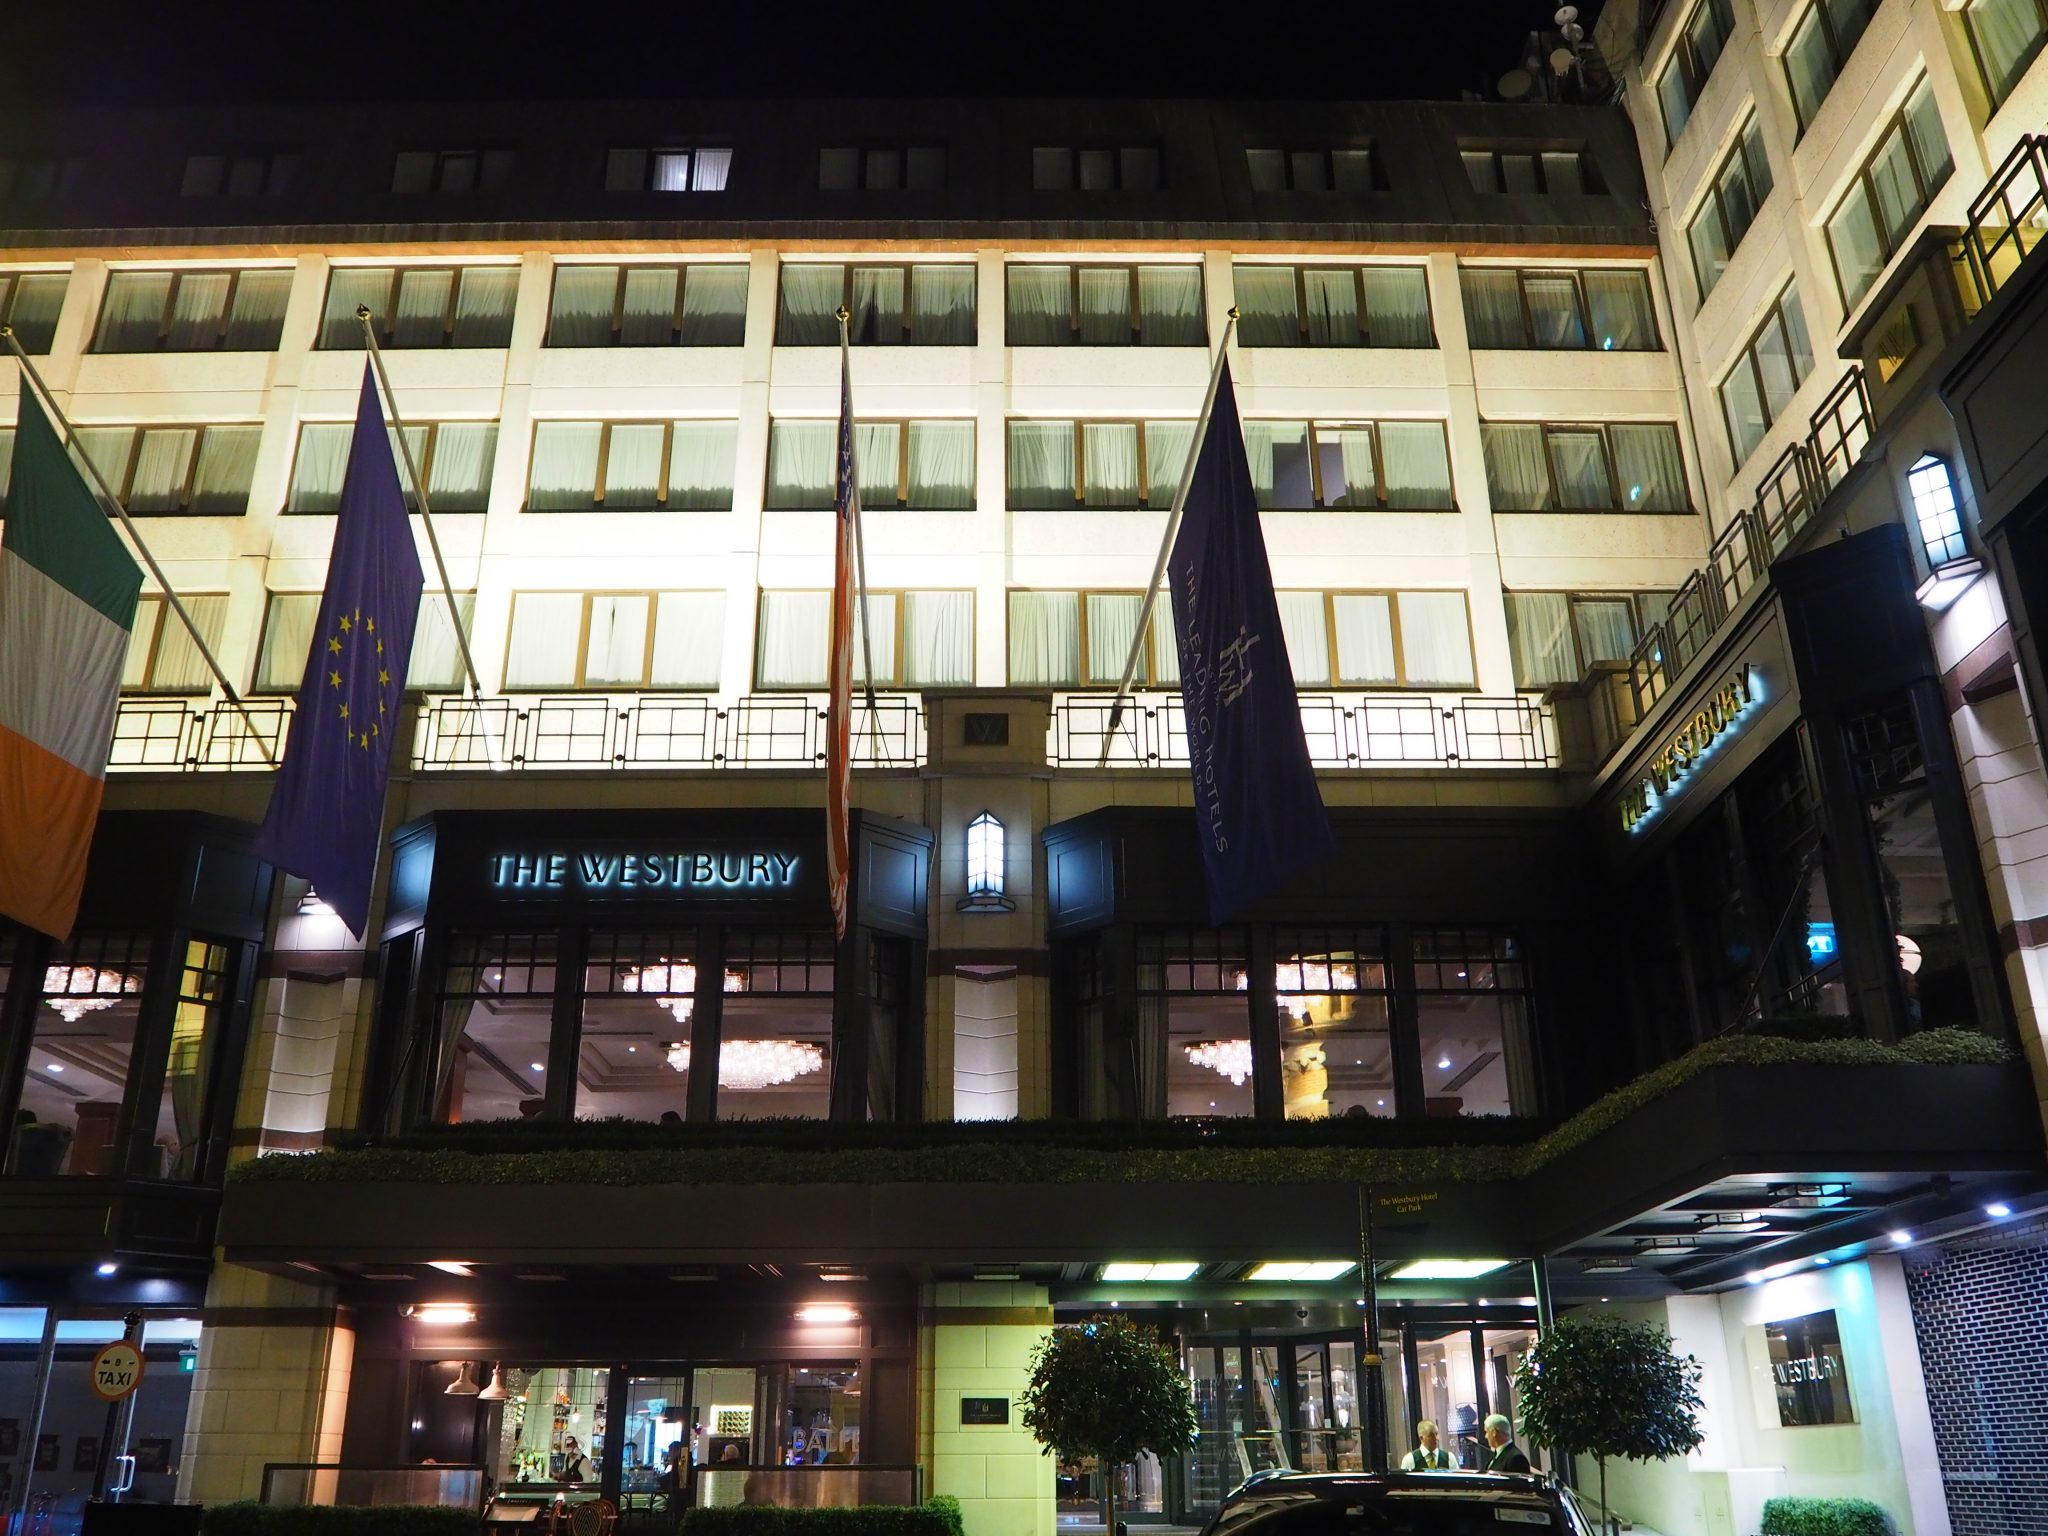 The Westbury Hotel Dublin